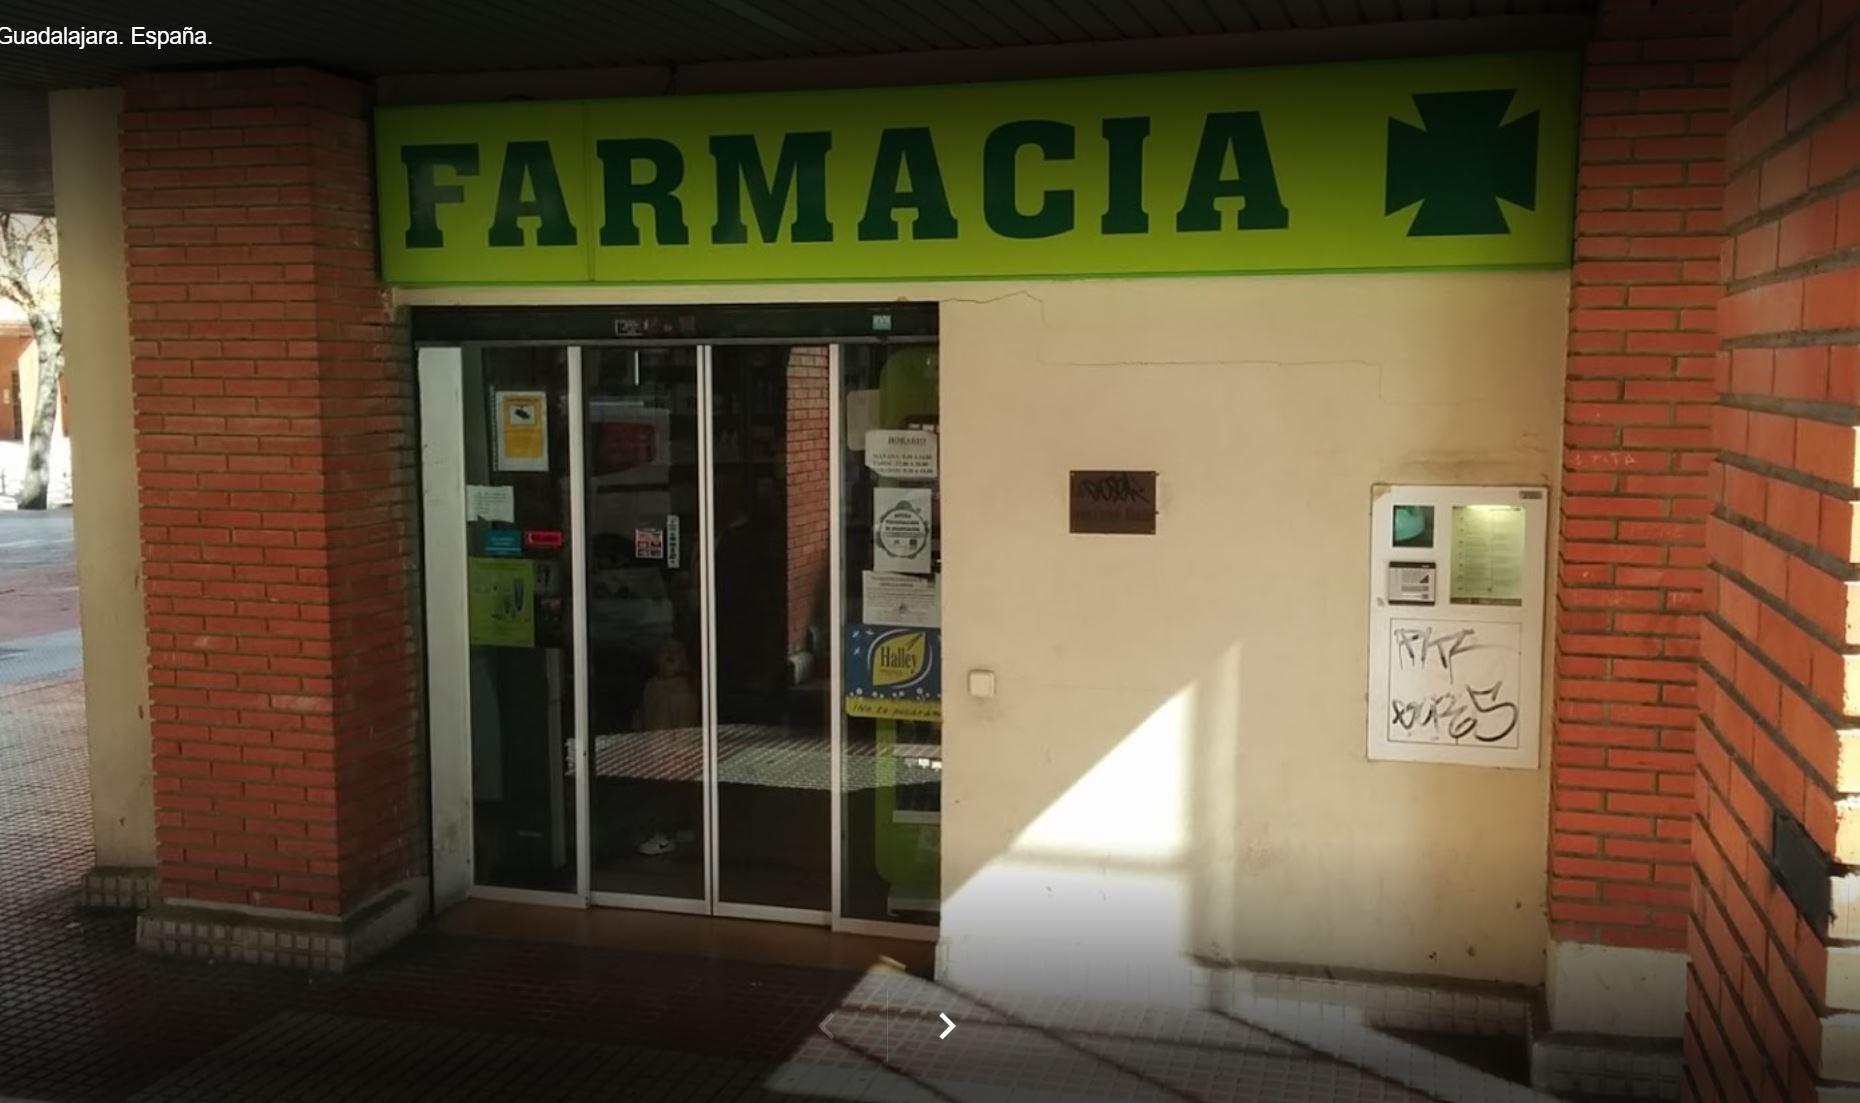 Farmacia vendida en Guadalajara capital Calle Roncesvalles